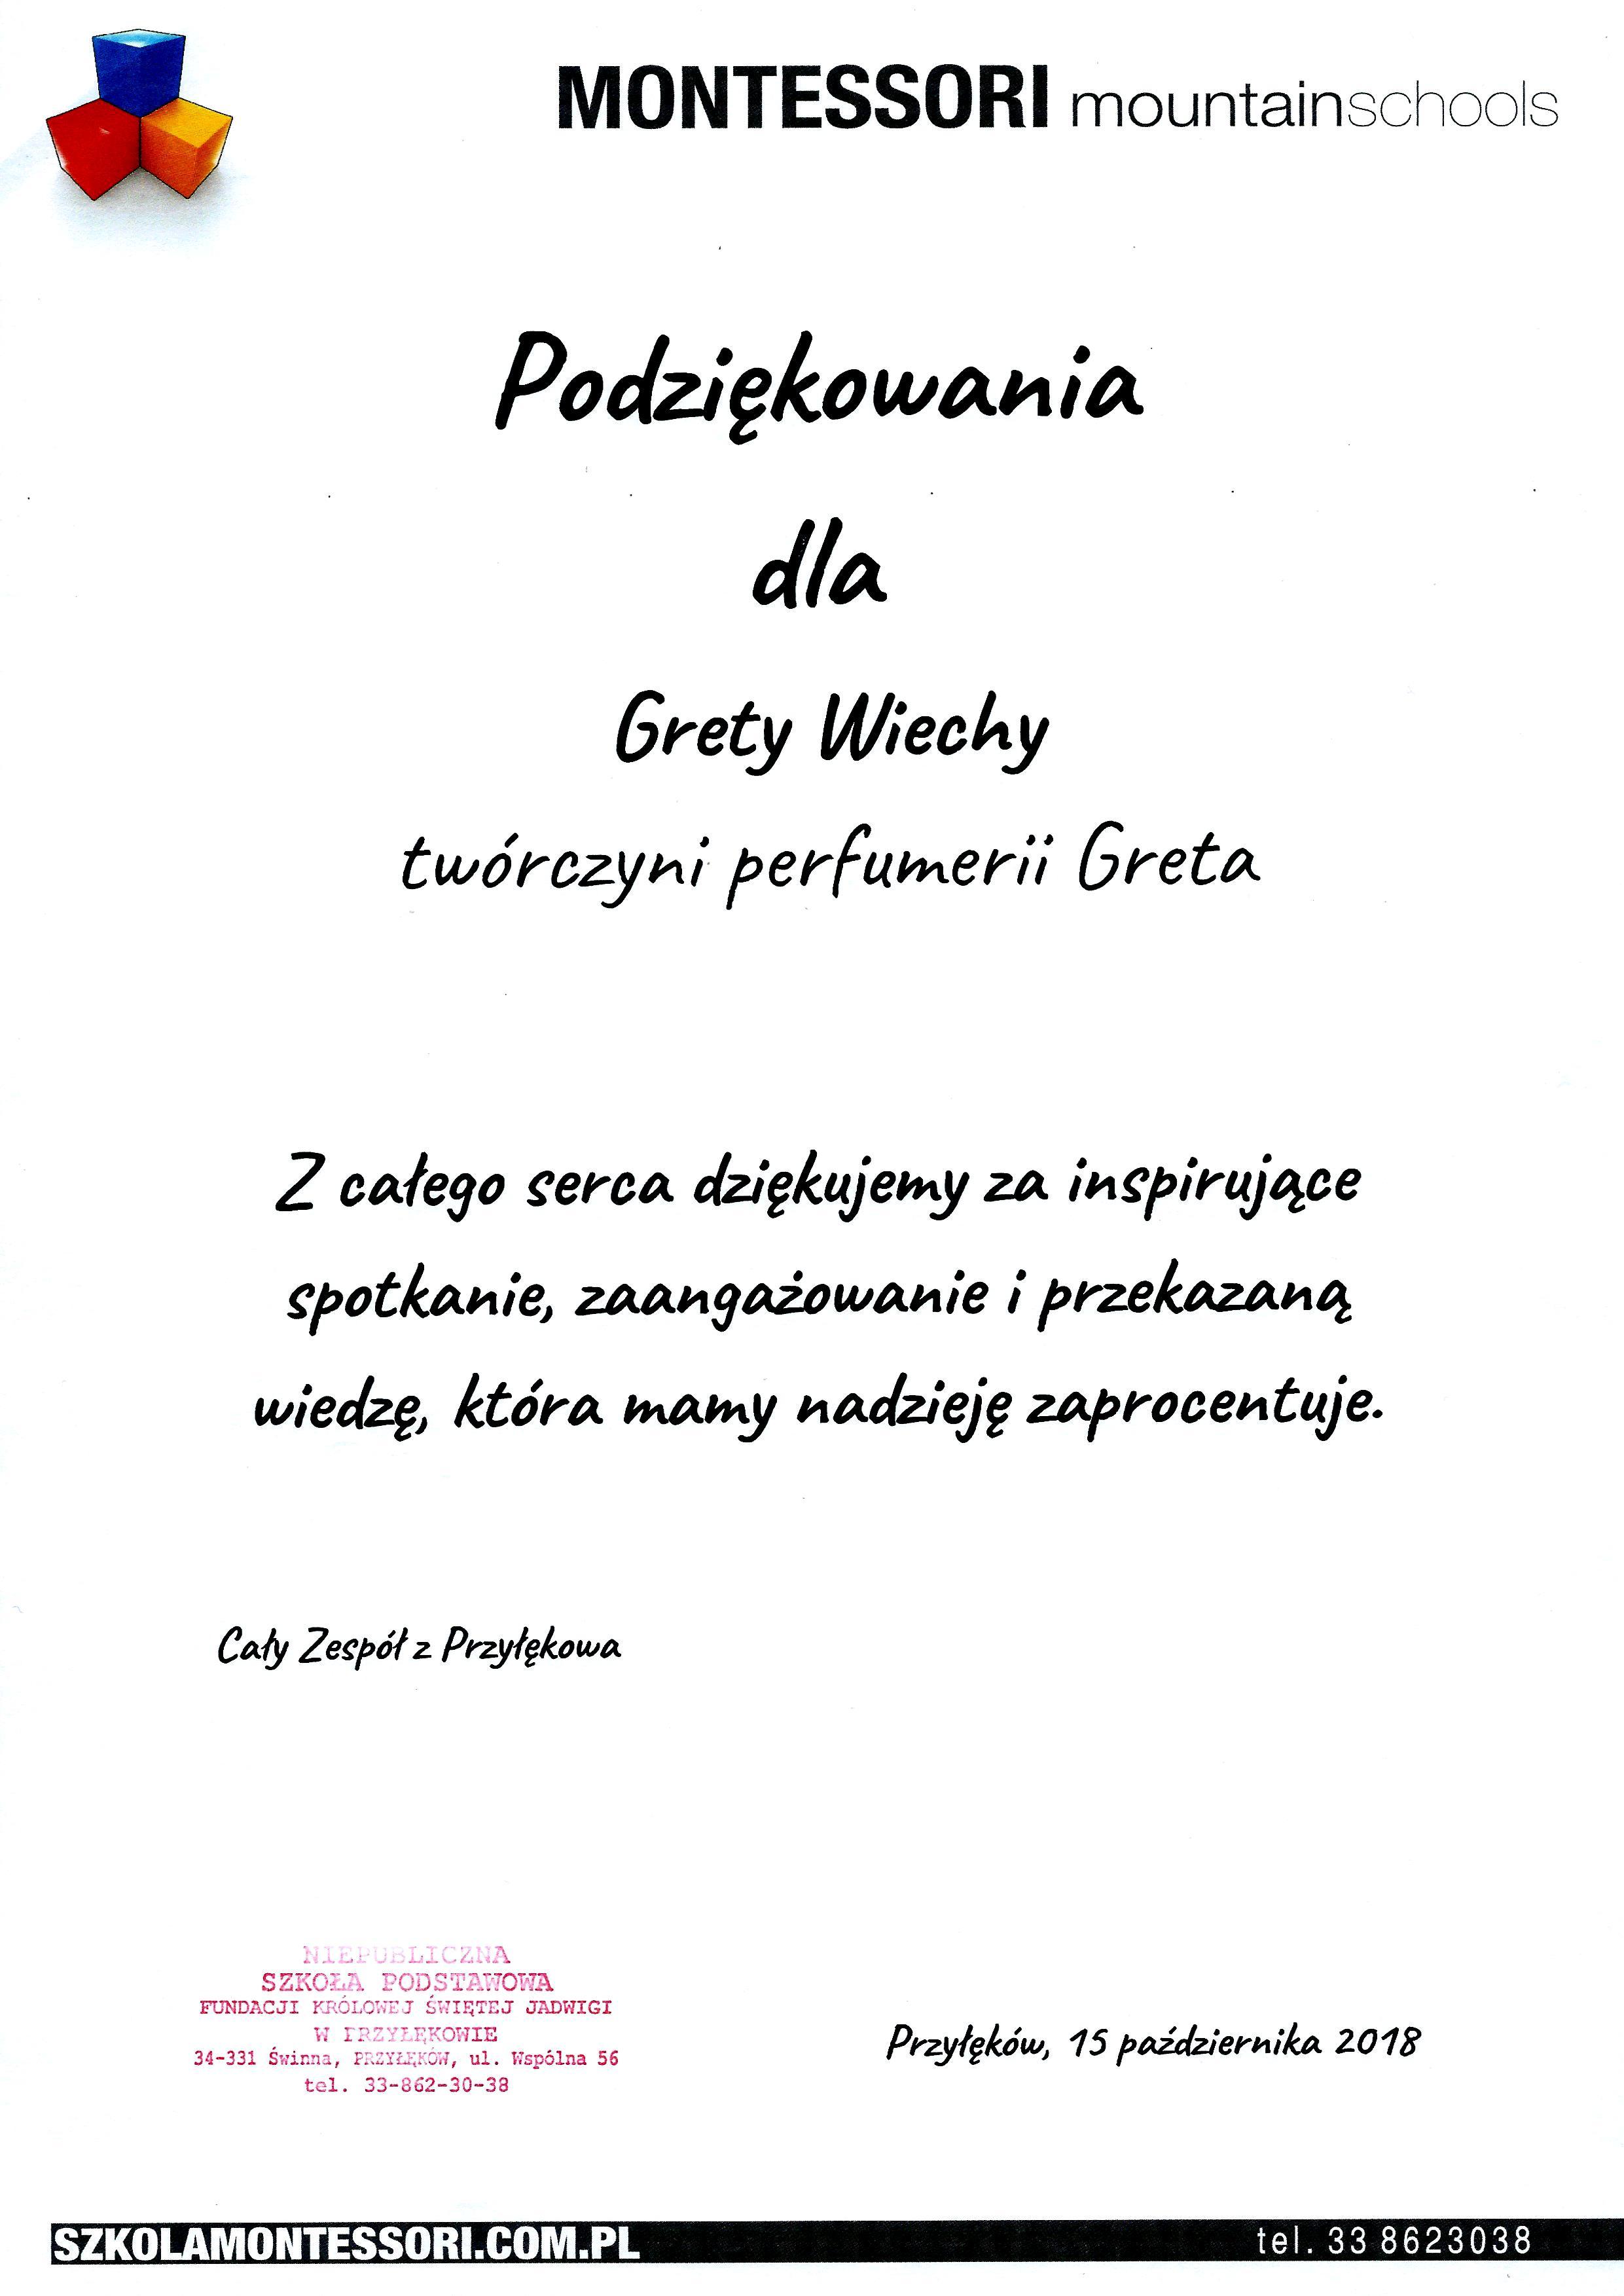 Perfumeria Greta_PODZIĘKOWANIA za spotkanie od MMS